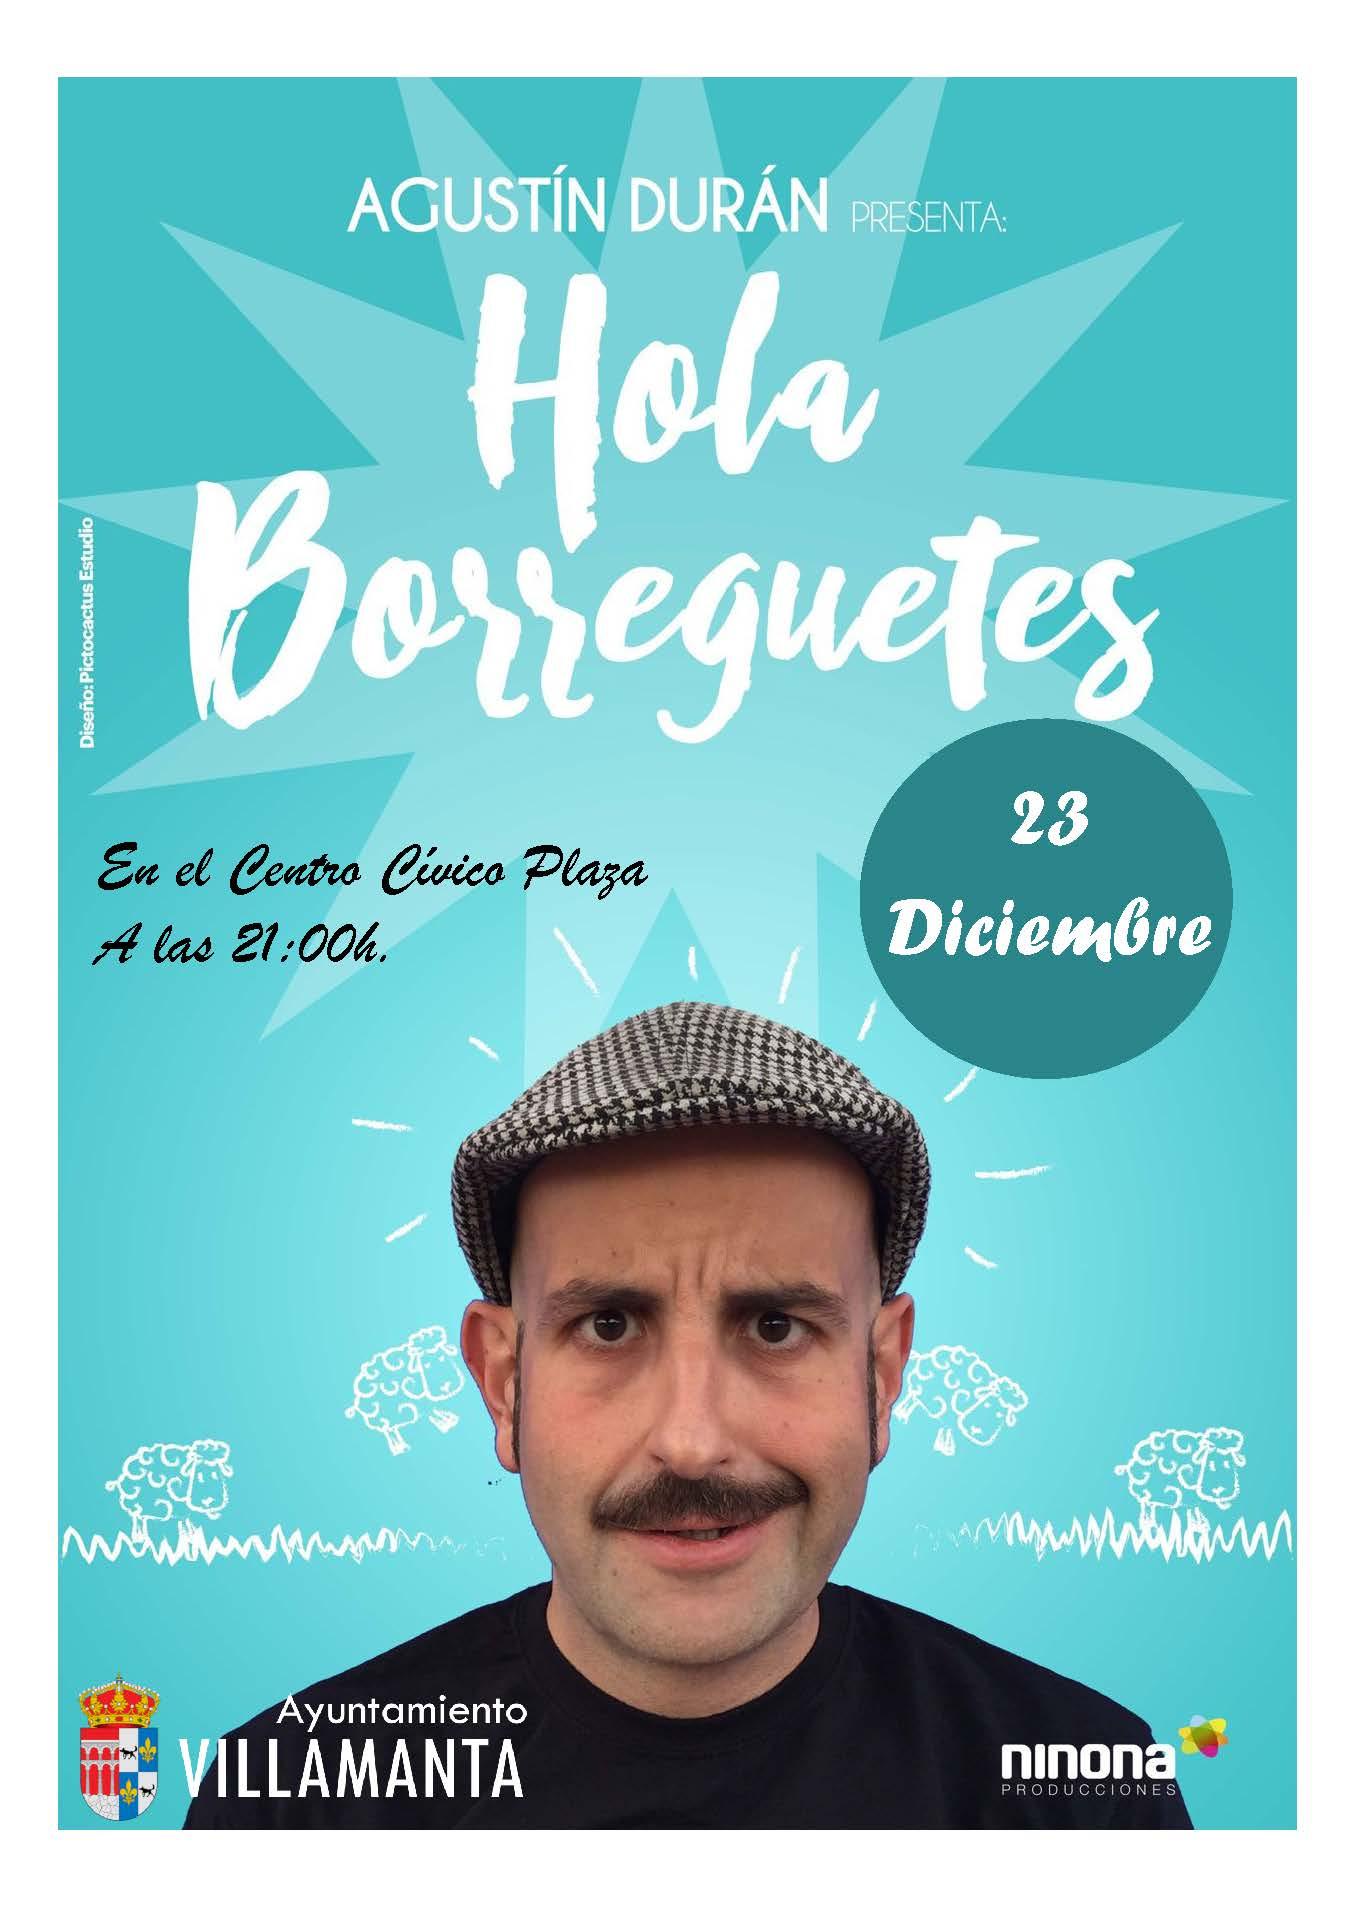 Hola Borreguetes- Agustín Durán